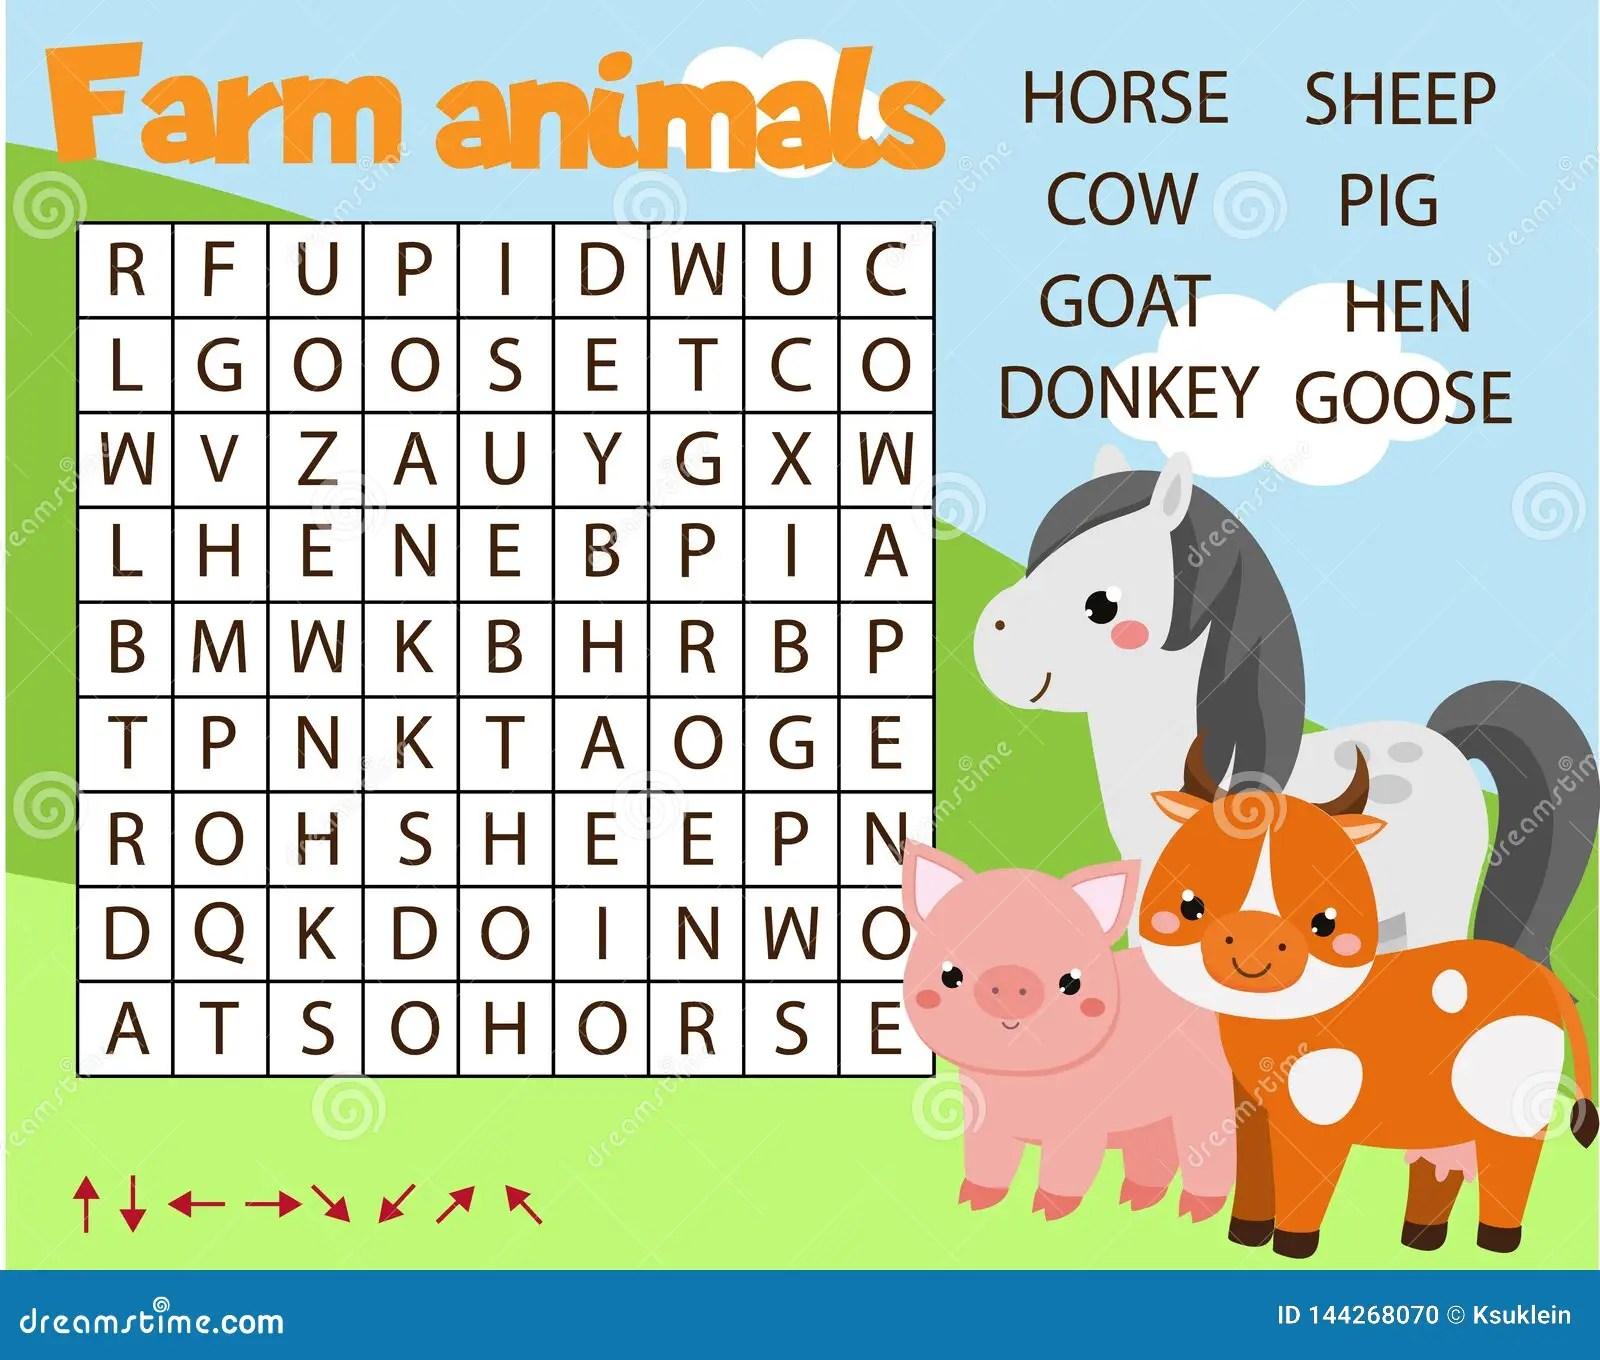 Preschool Worksheet Of Horses